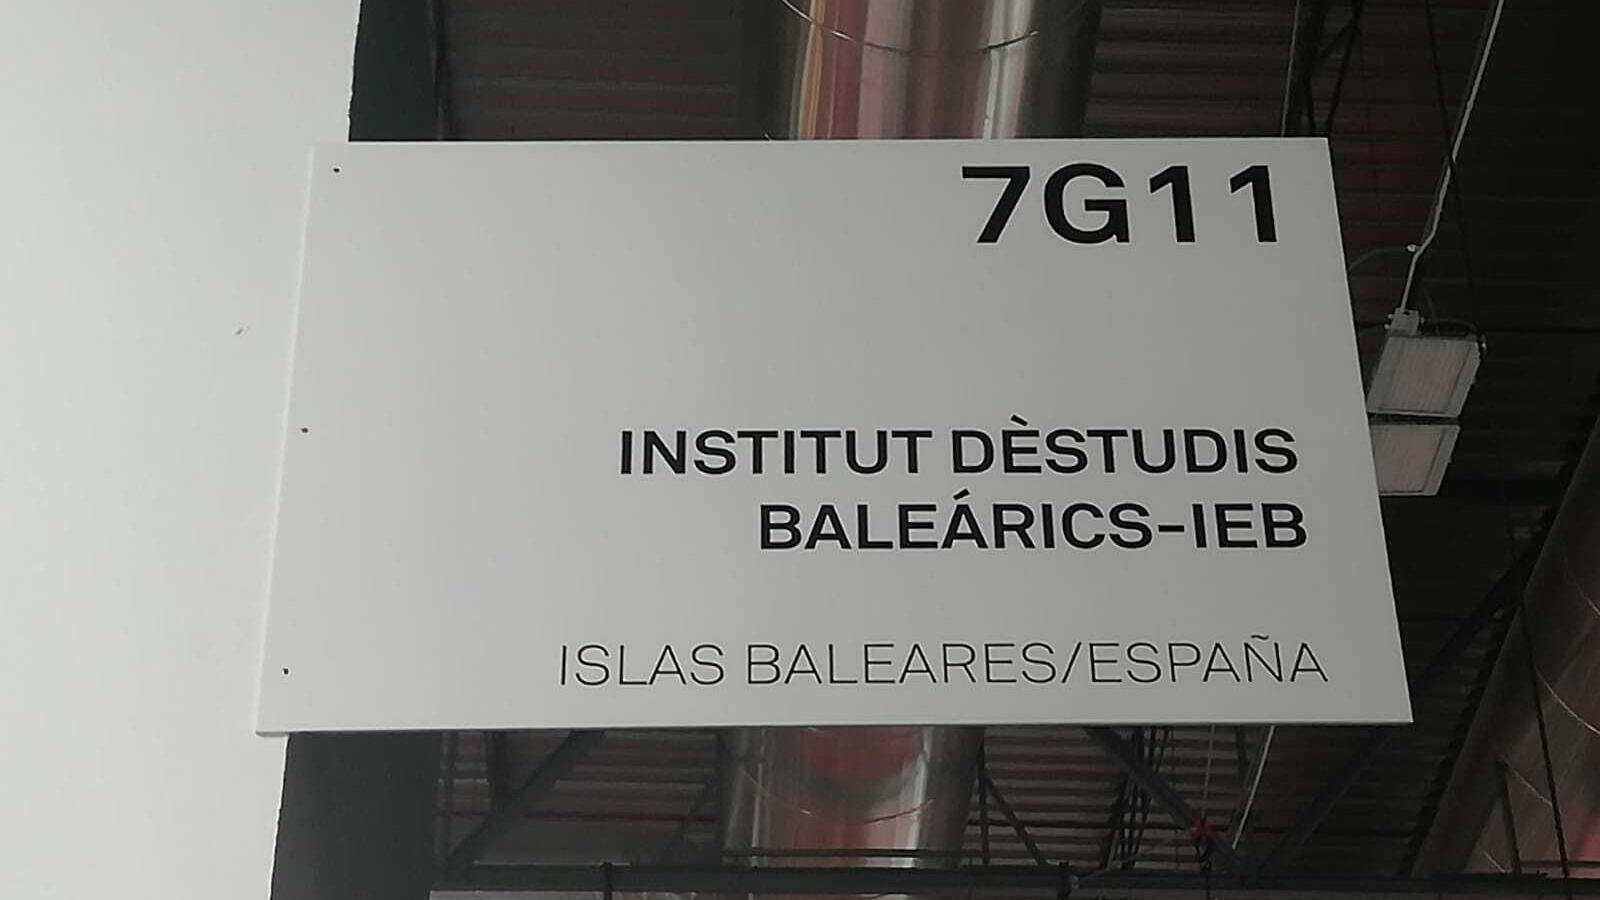 Imatge del cartell amb que ARCO anuncia l'Institut d'Estudis Baleàrics